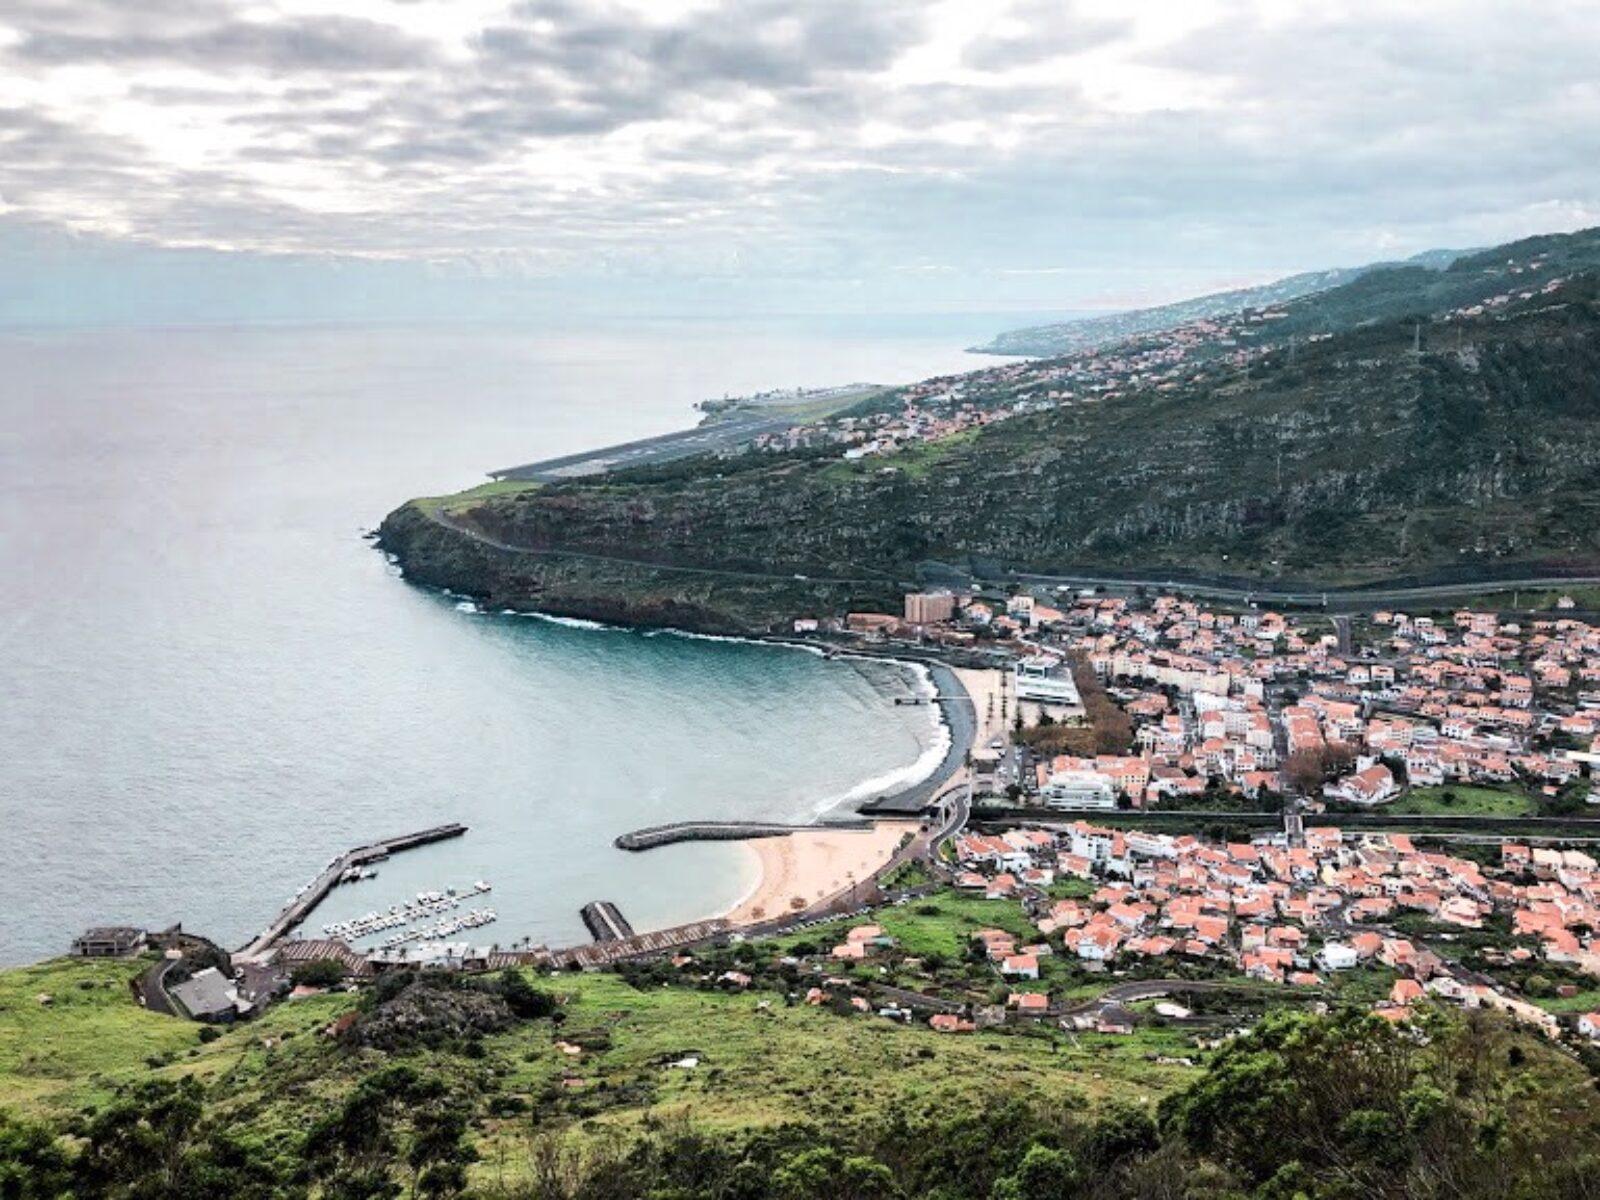 Pico do Facho, Ilha da Madeira